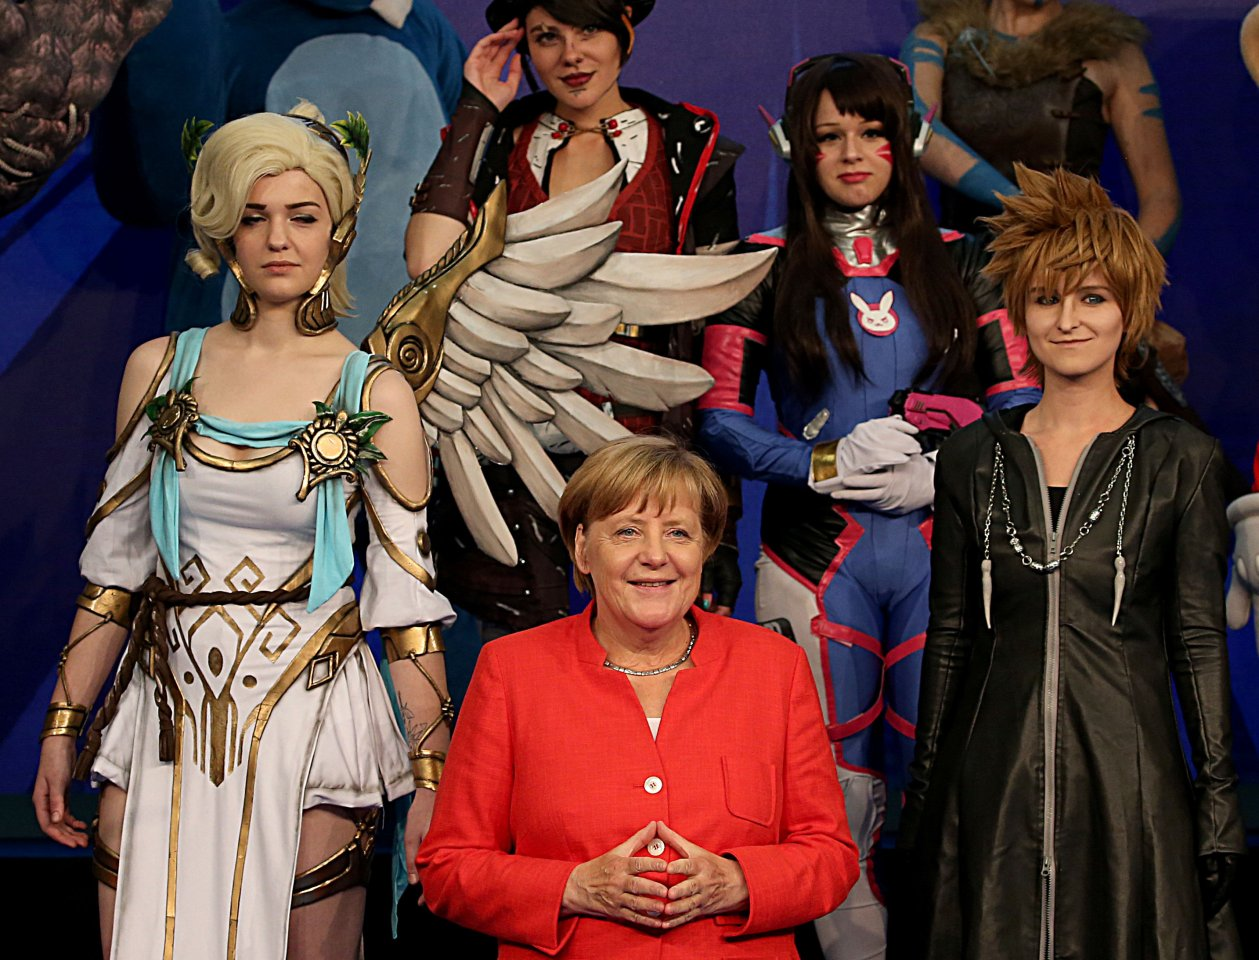 Auch Bundeskanzlerin Merkel kann sich dem Charme von Cosplayern scheinbar nicht entziehen.